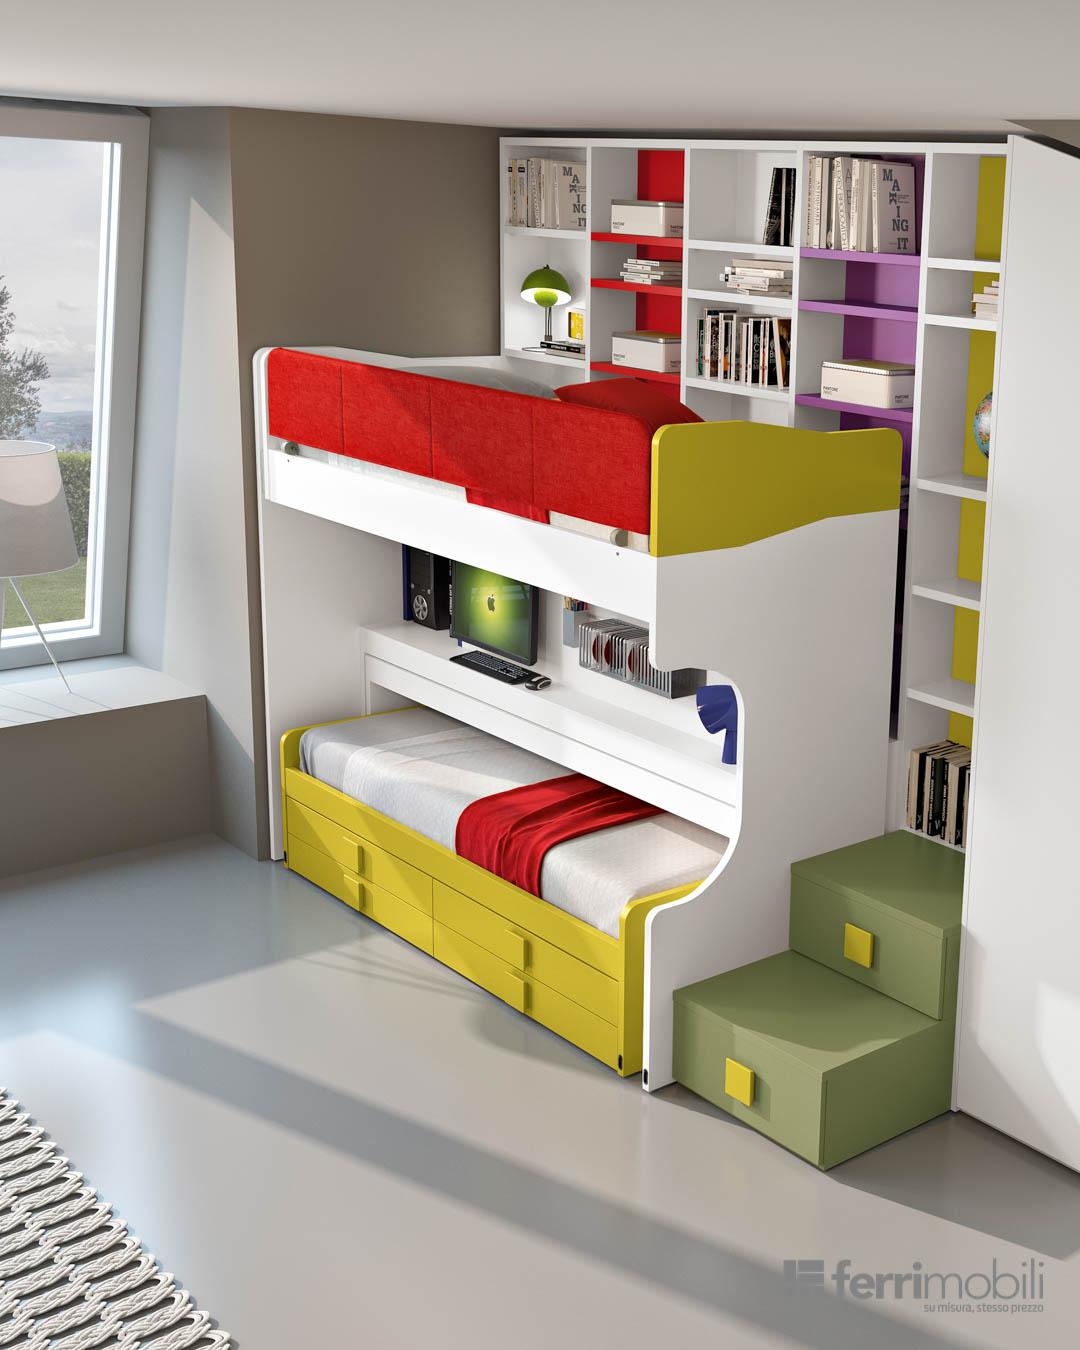 Ponti letti a castello soppalchi soluzioni salvaspazio per camerette di ogni dimensione - Castelli mobili ...